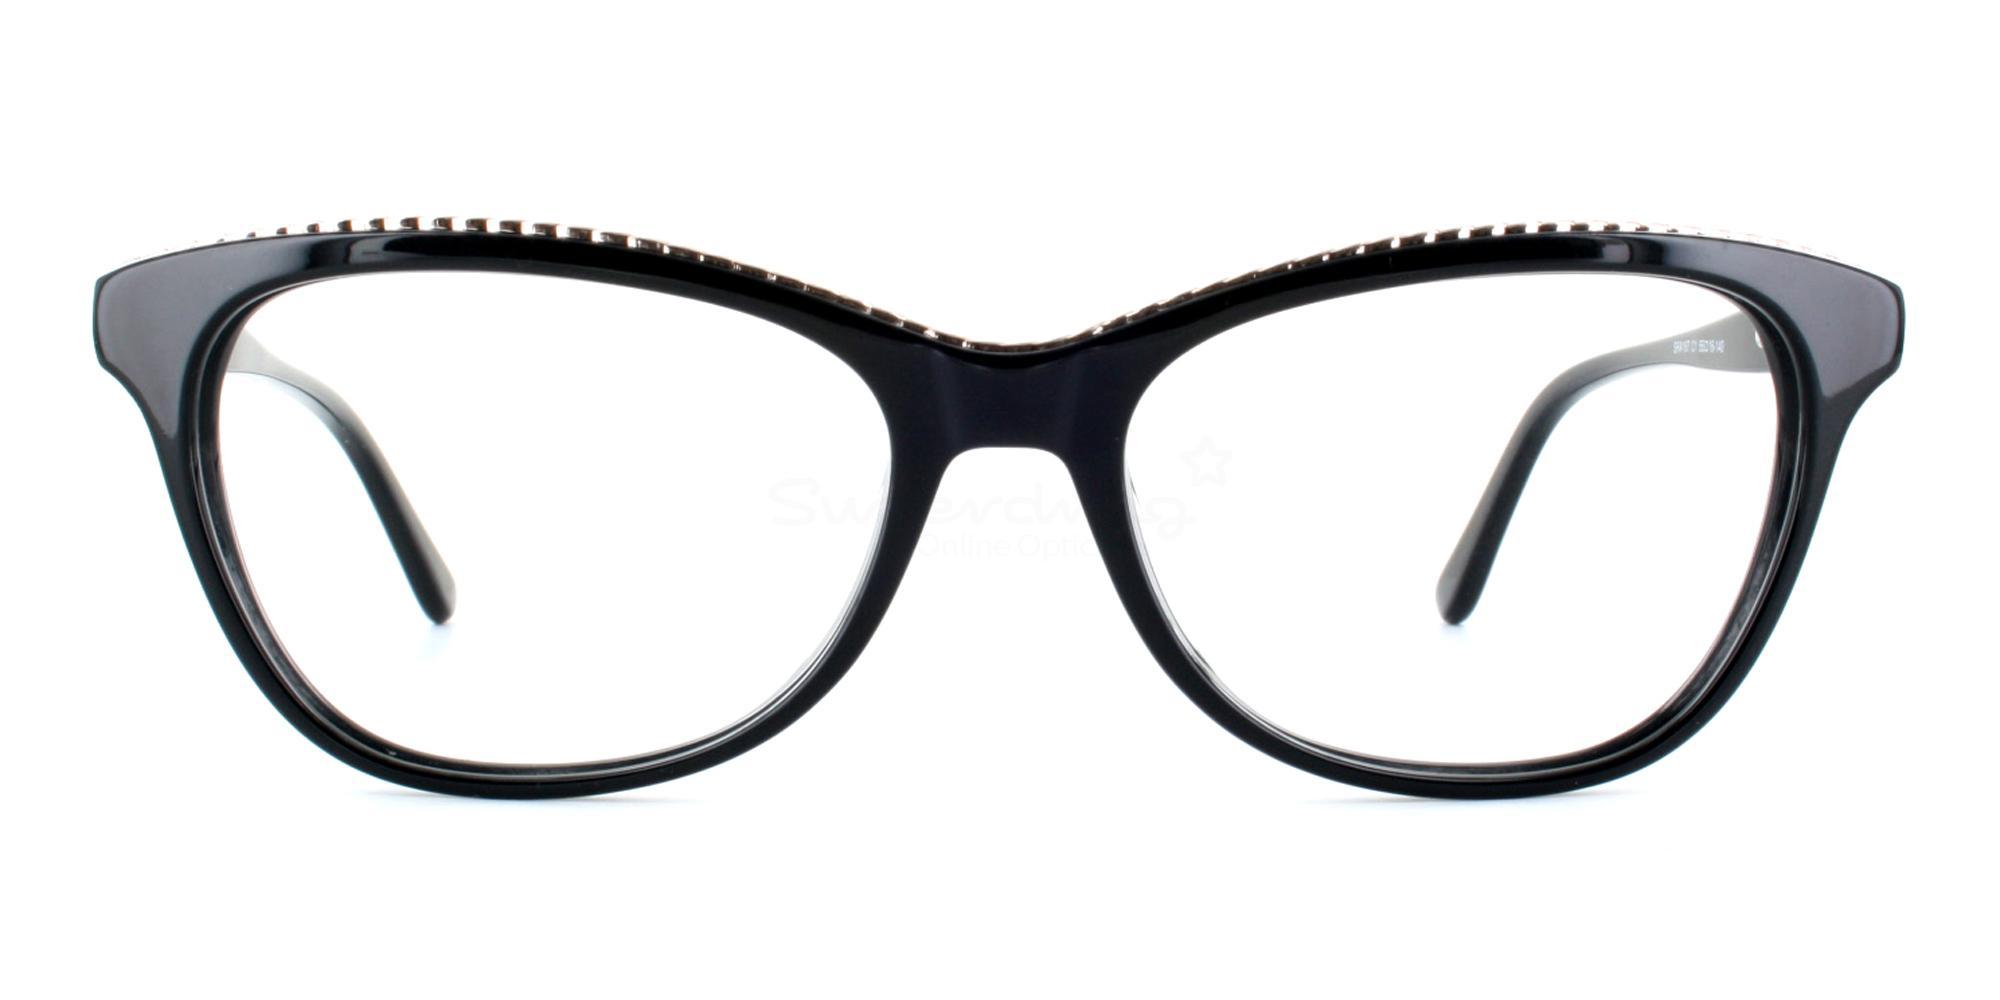 C1 SRA167 Glasses, Krypton